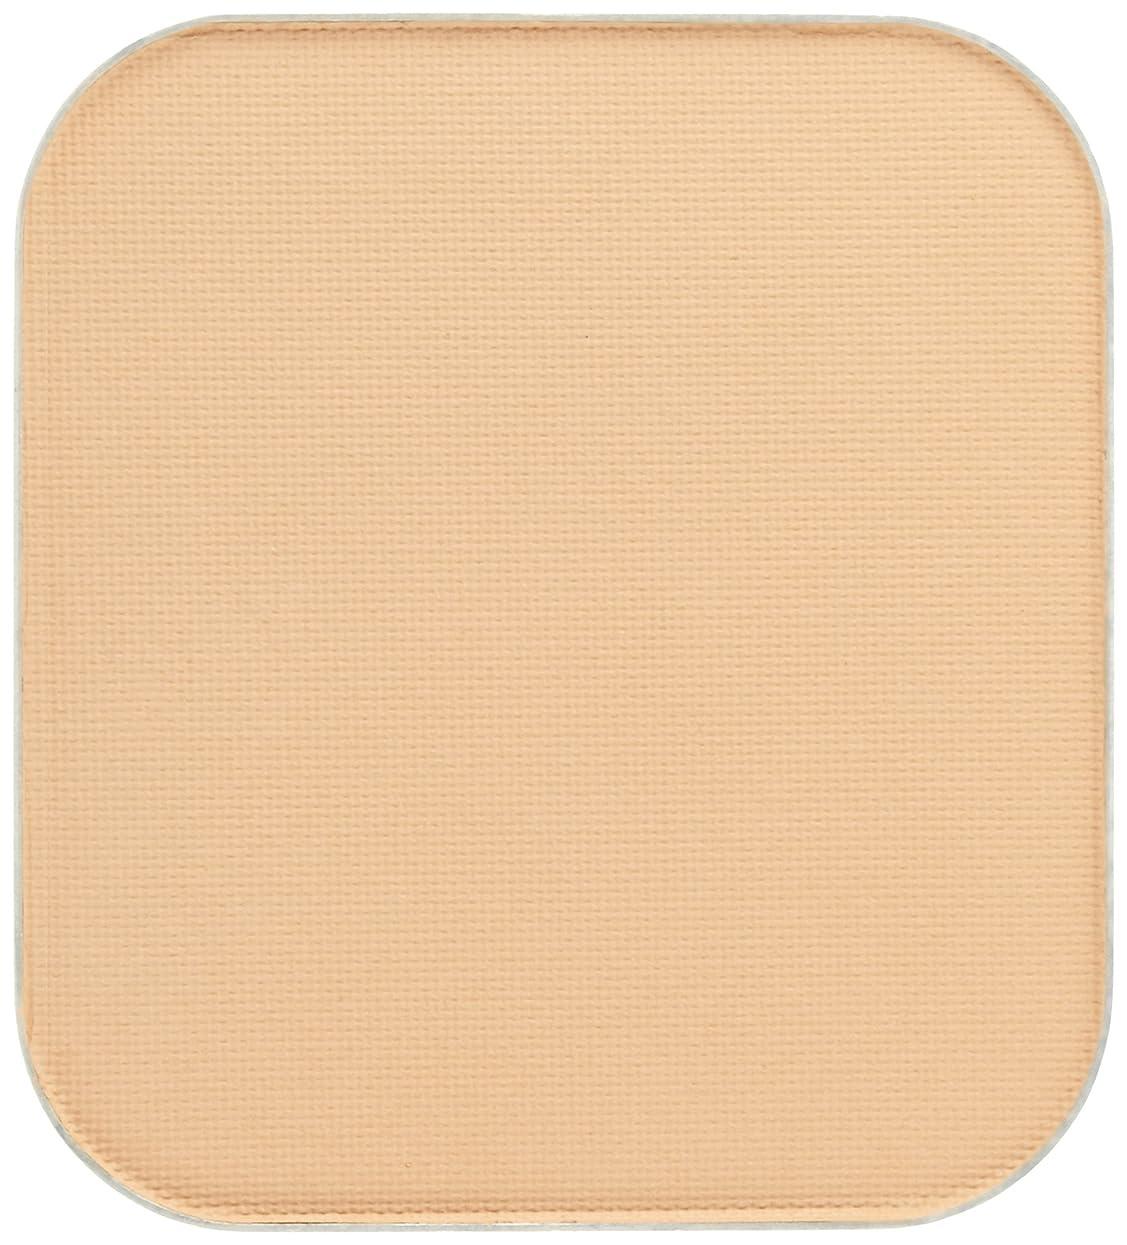 賢い摘む思い出すKOSE コーセー ノア UVホワイト パウダーファンデーションEX 41 詰替用 10.5g